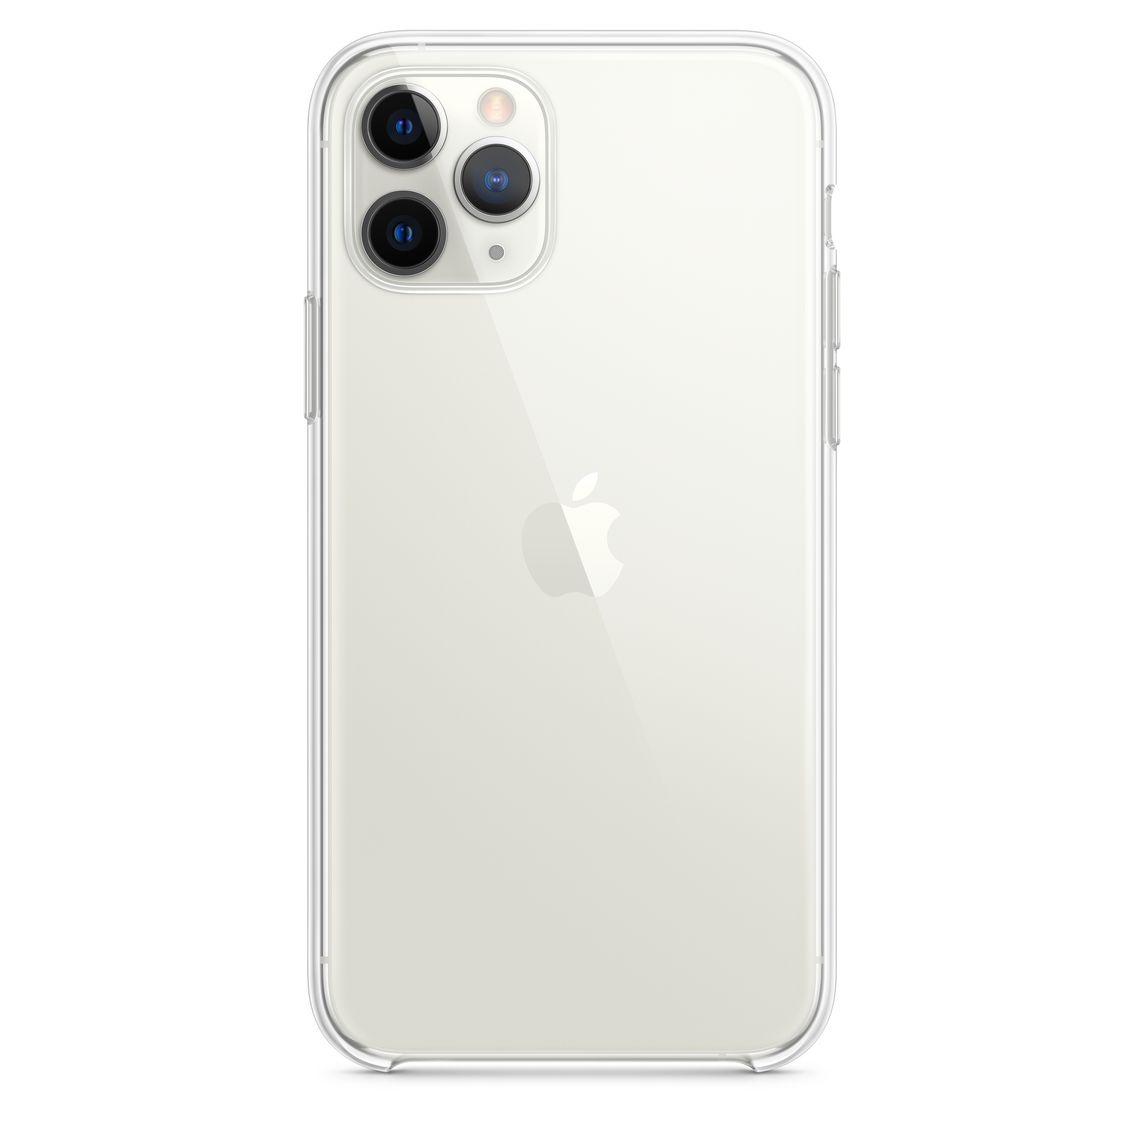 Étui transparent pour iPhone 11 Pro